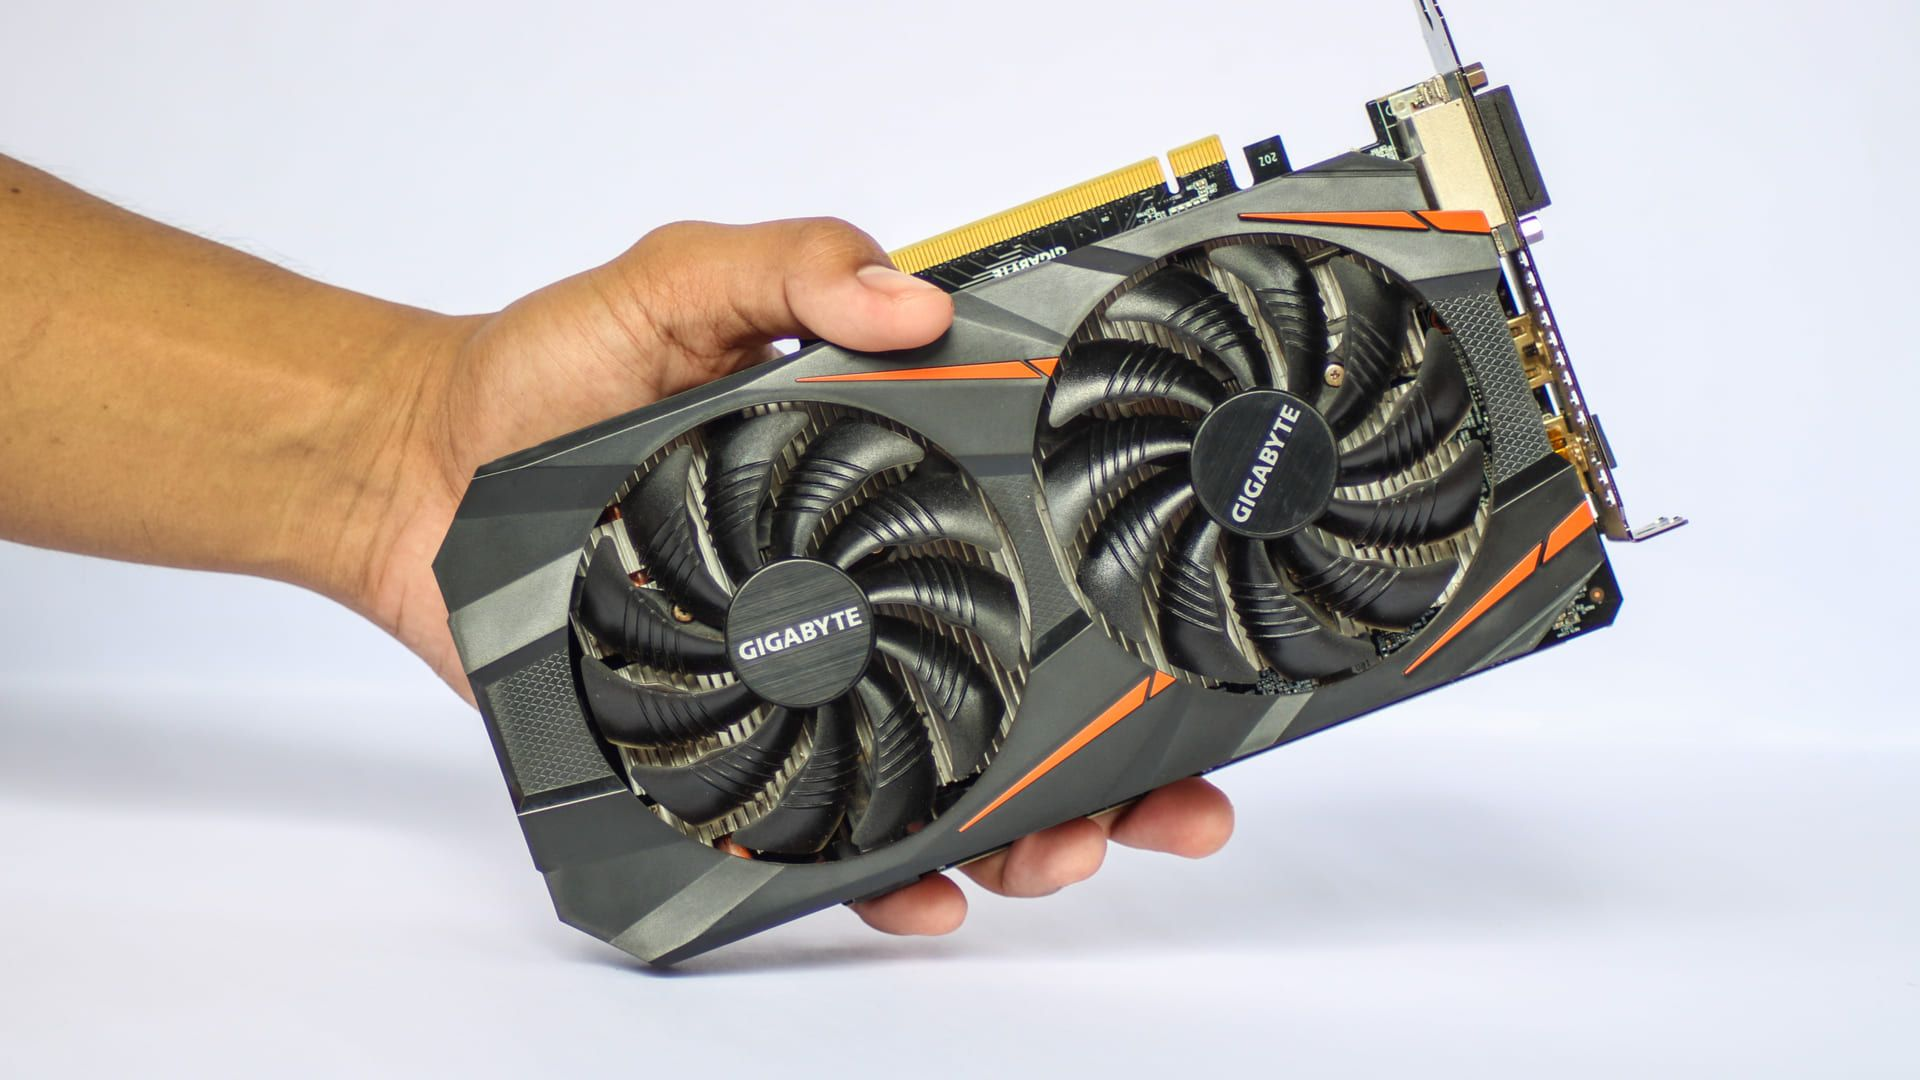 A GTX 1060 é a alternativa da Nvidia à RX 580, caso você queira dar uma olhada em outra marca (Foto: Shutterstock)